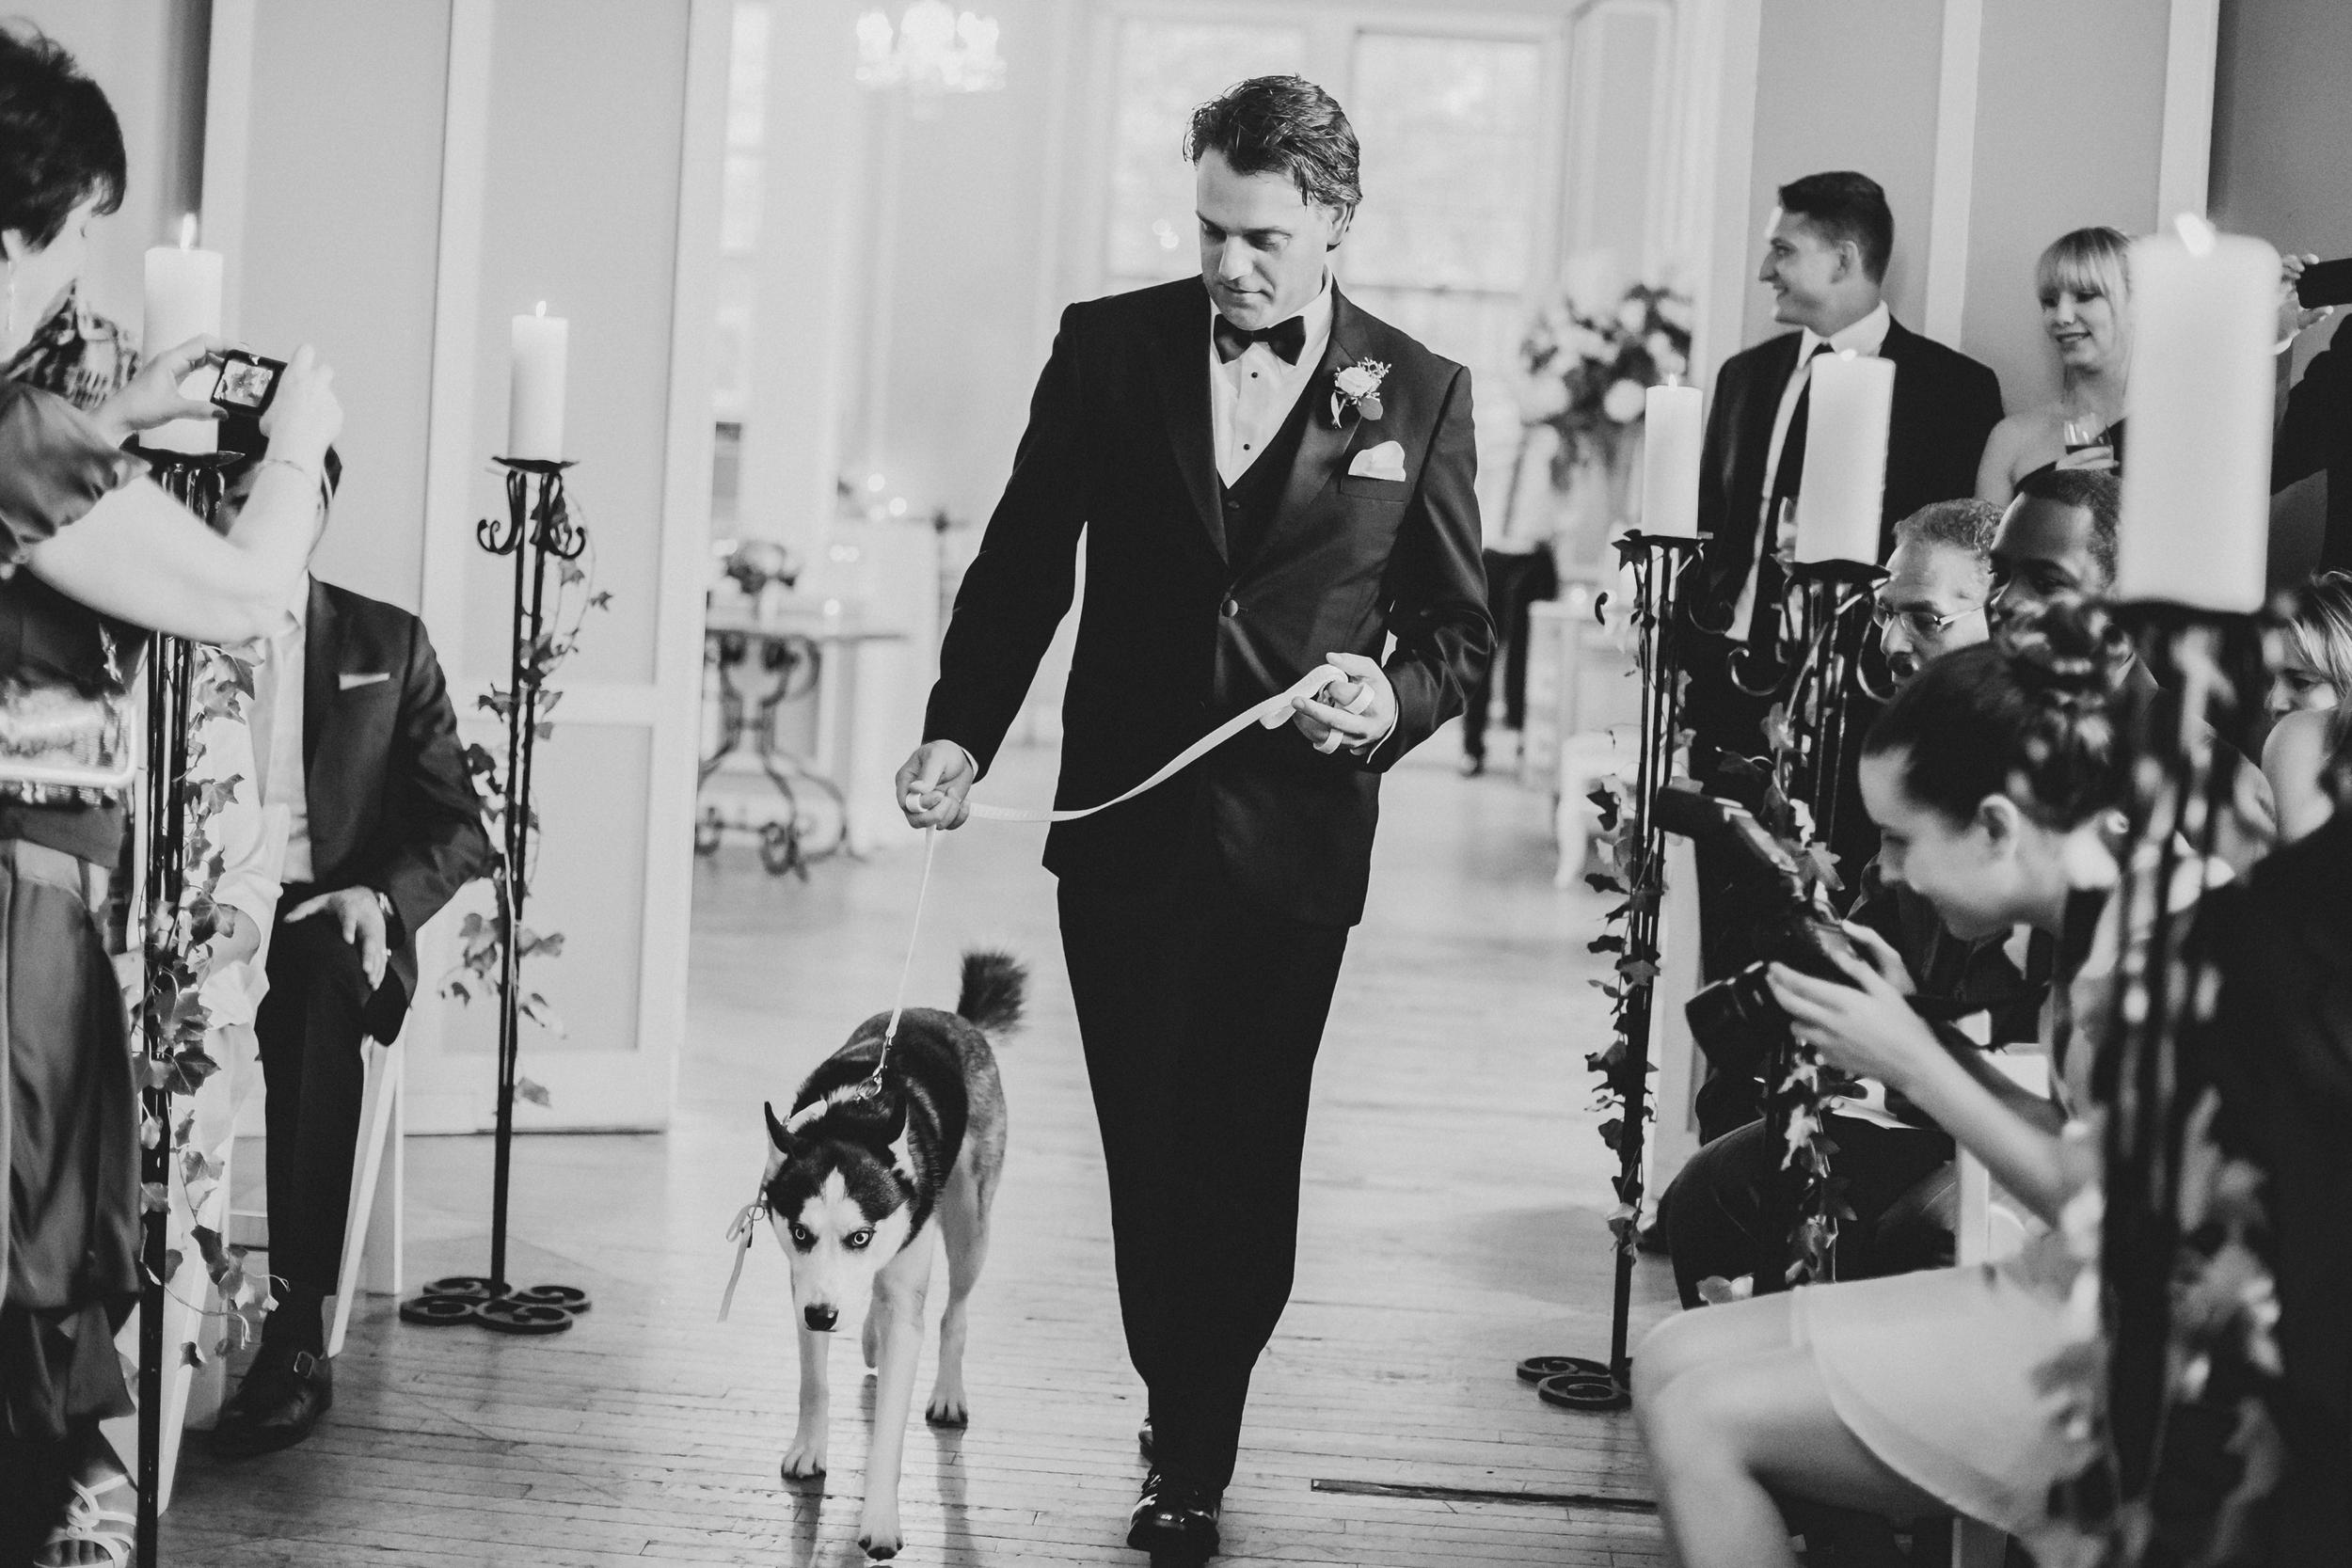 New York Wedding Photographer Boris Zaretsky Boris_Zaretsky_Photography__B2C5292-2 copy.jpg